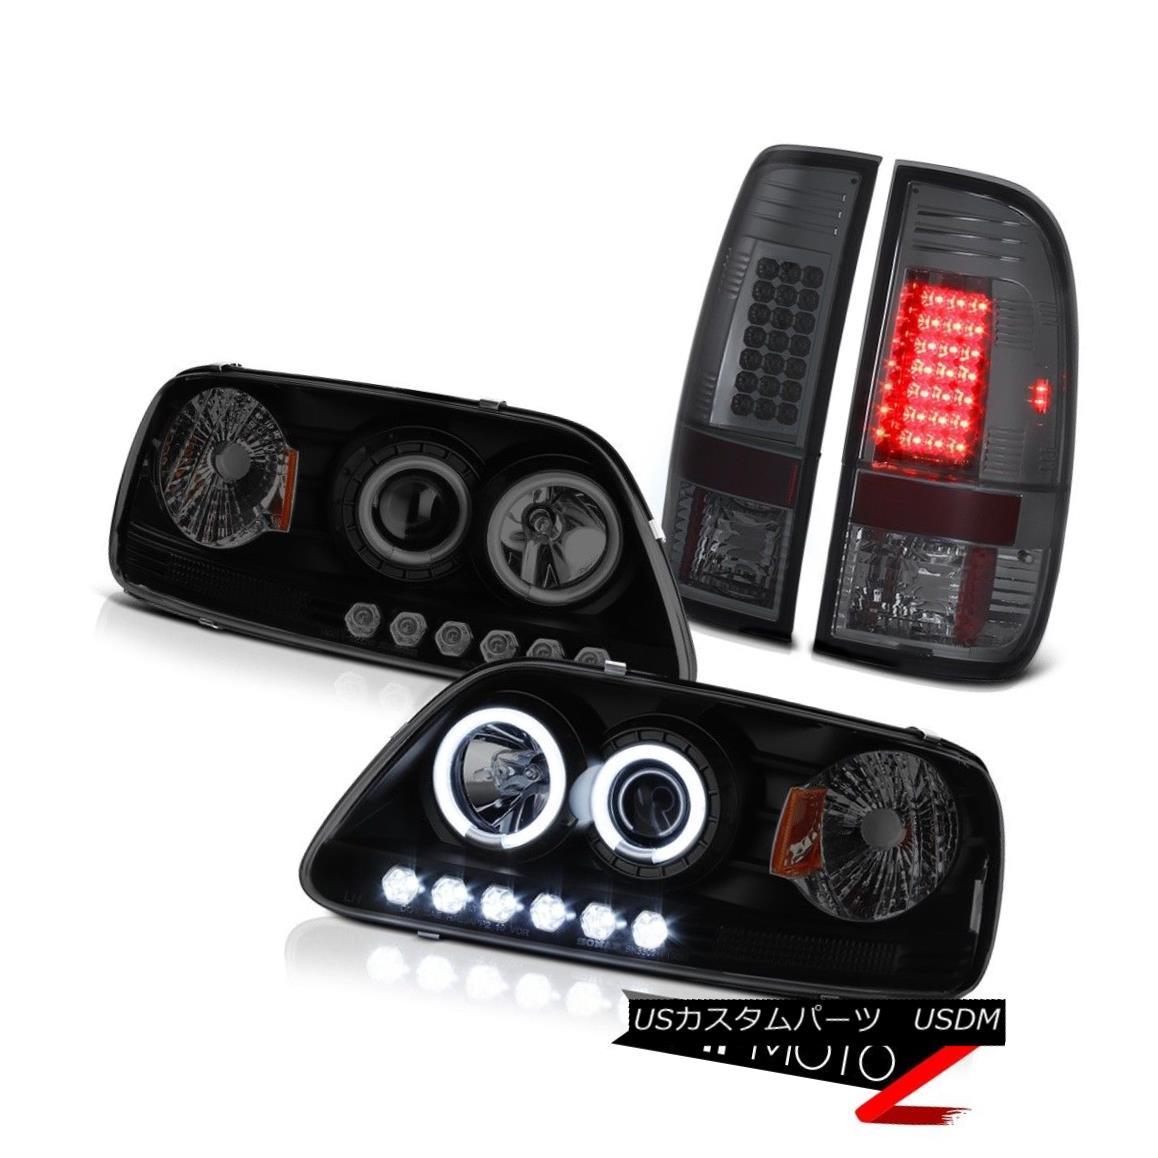 テールライト F150 SVT 97-03 Fluorescence Angel Eye Headlights Headlamp Smoked LED Tail Lights F150 SVT 97-03蛍光天使のアイヘッドライトヘッドランプスモークLEDテールライト